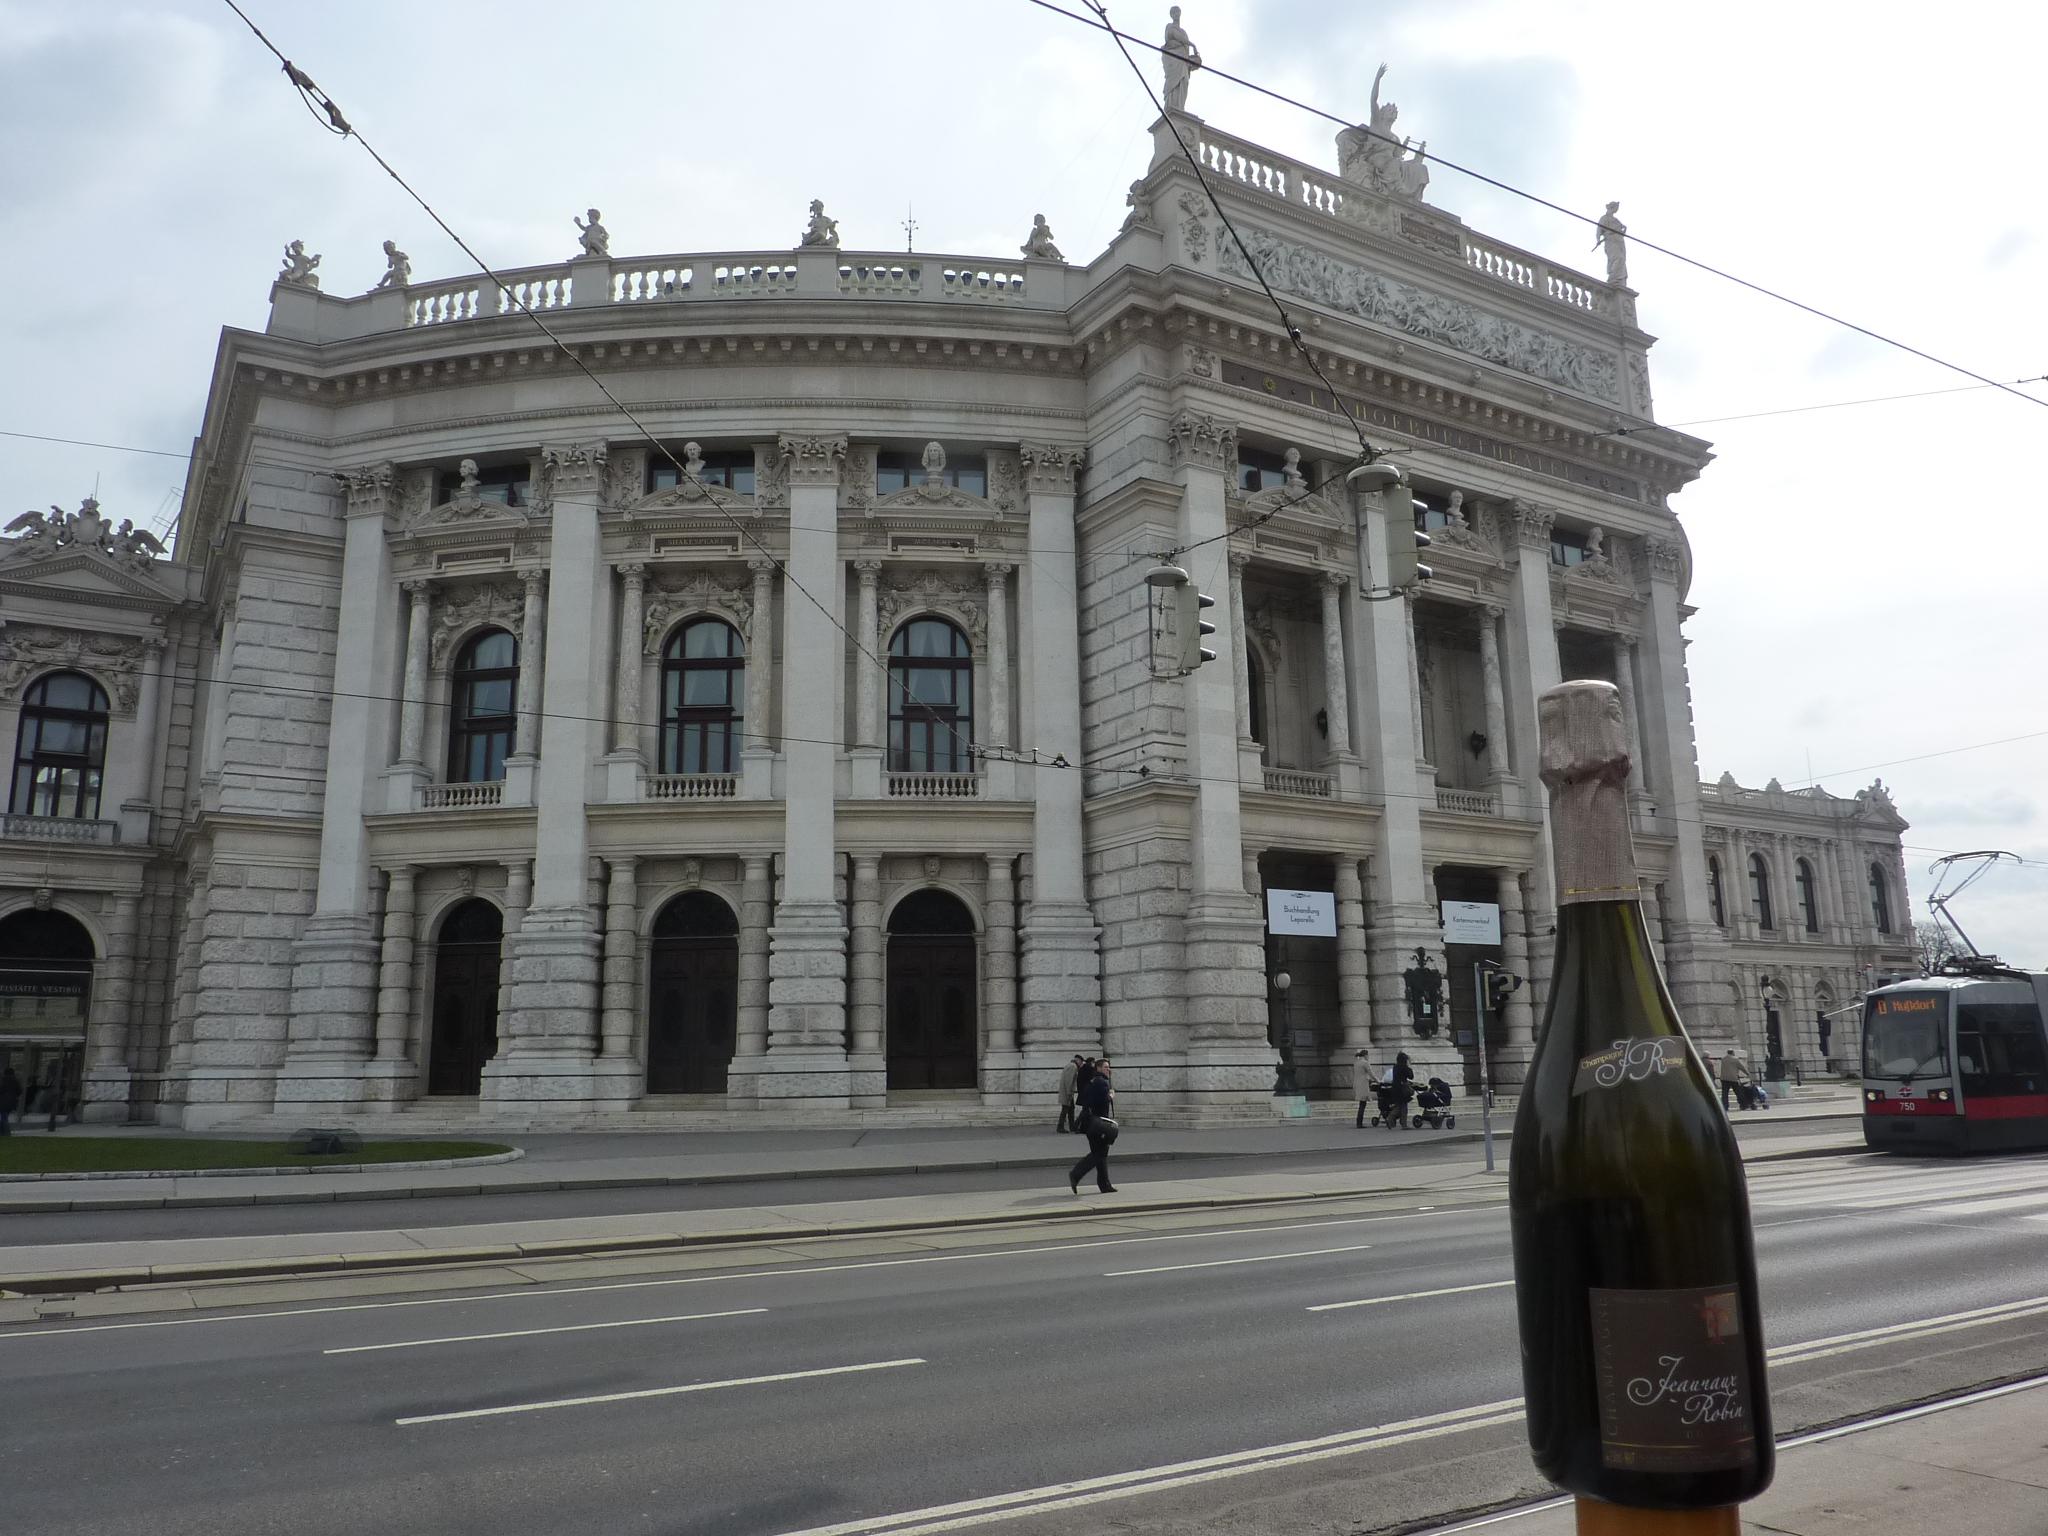 L'Opéra de Vienne - Autriche